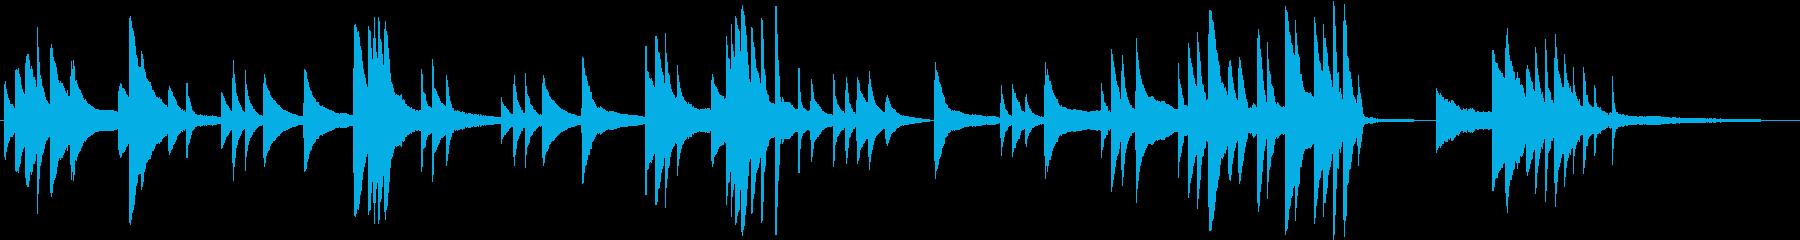 ピアノソロ。音数少なく短いヒーリング曲♪の再生済みの波形